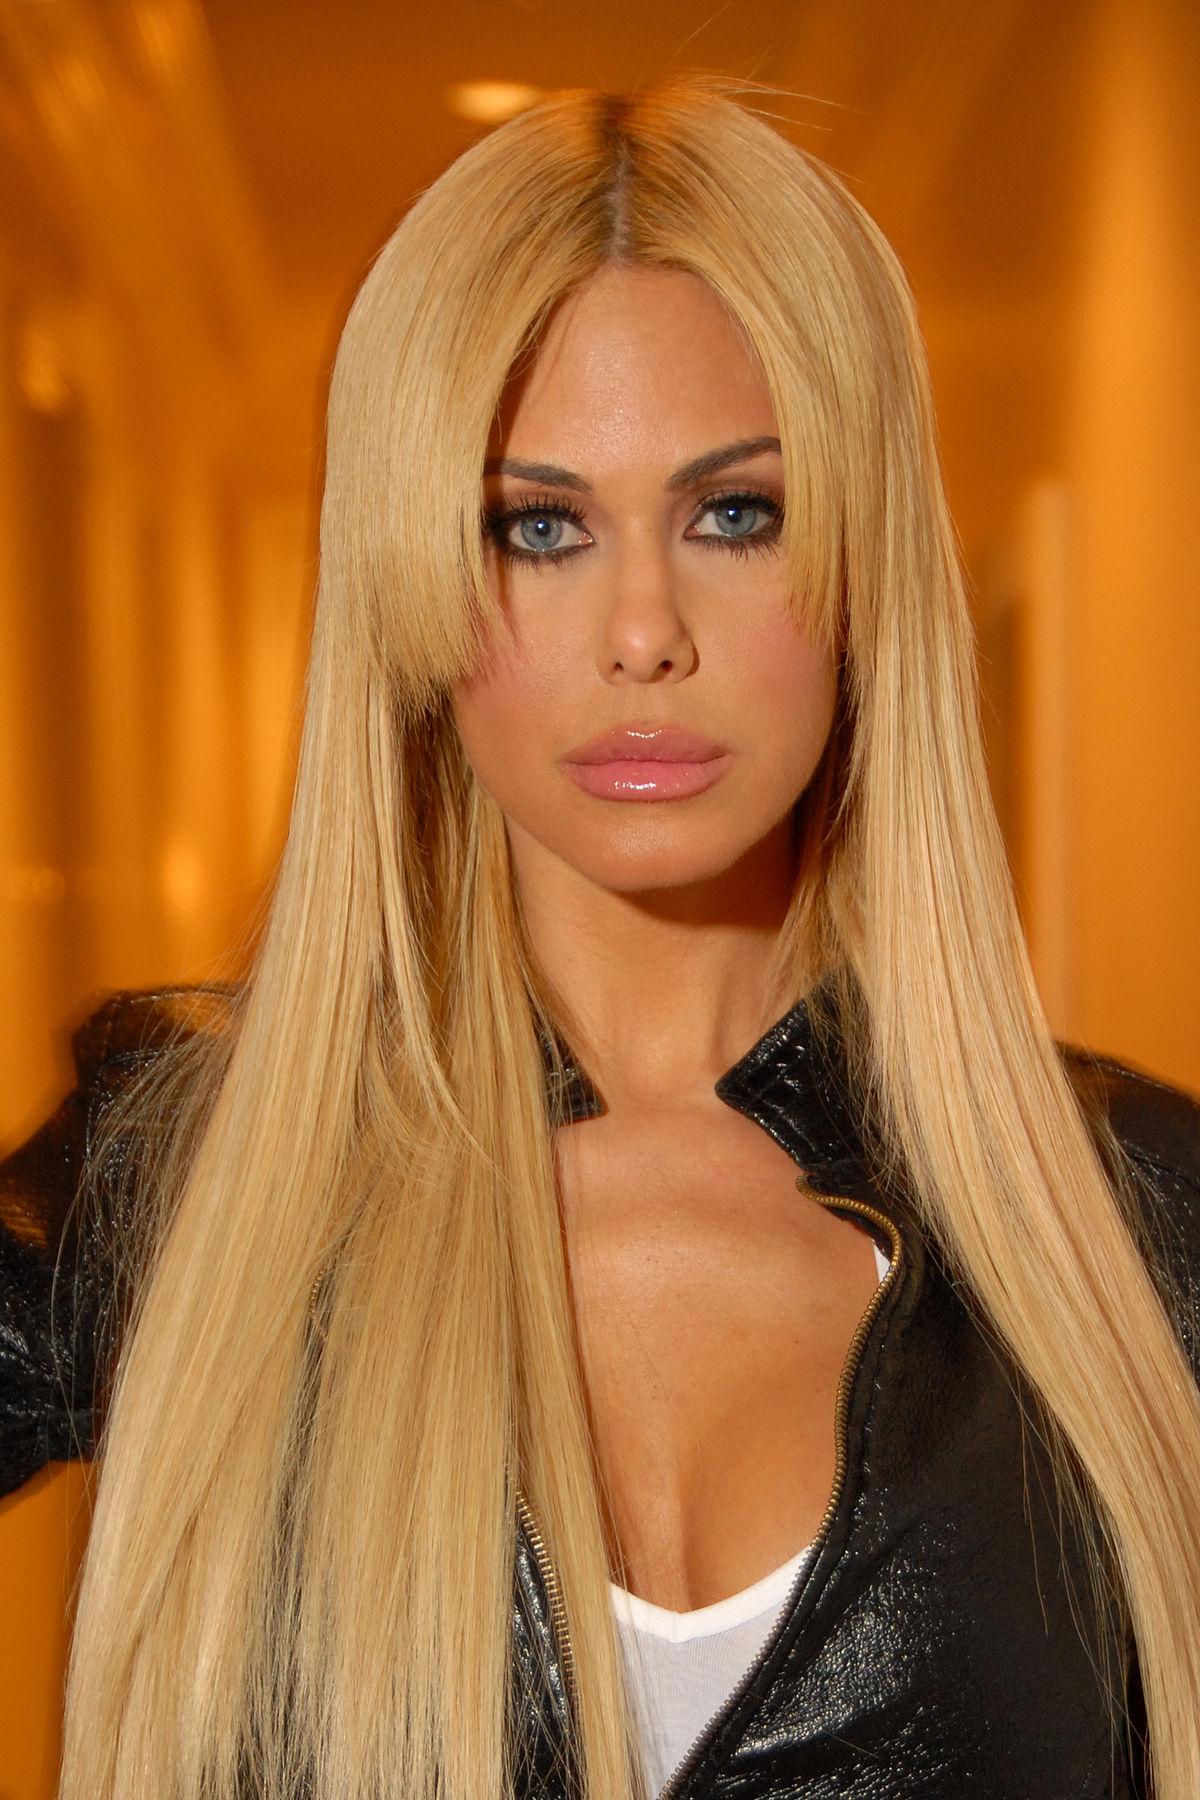 Δείτε τη full sex tape της former Playboy playmate Shauna